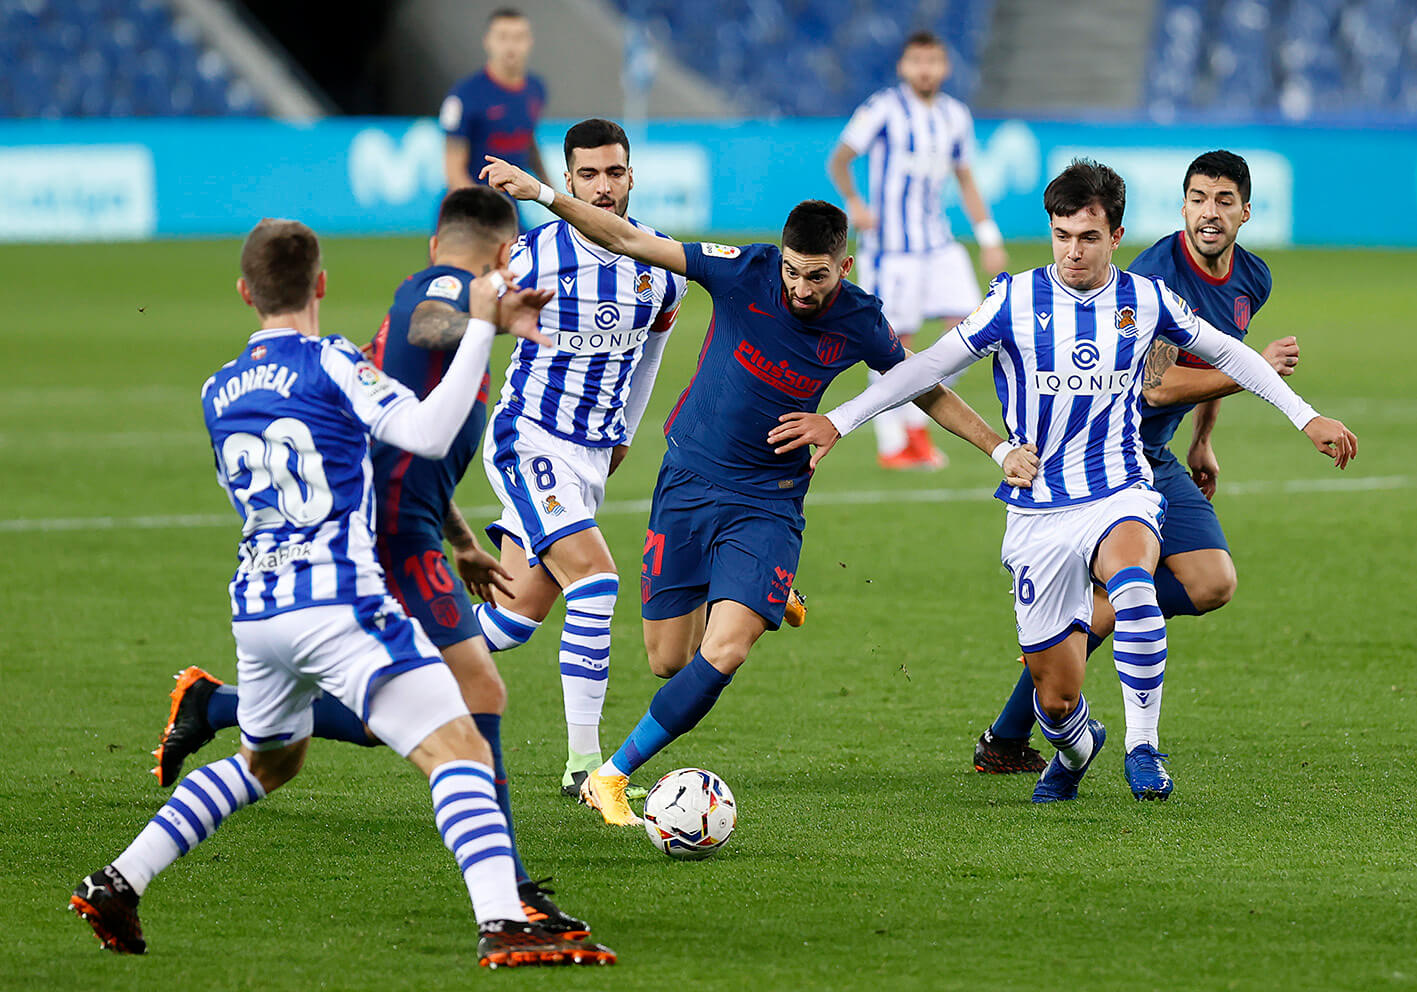 ملخص واهداف مباراة اتلتيكو مدريد وريال سوسيداد (2-0) الدوري الاسباني